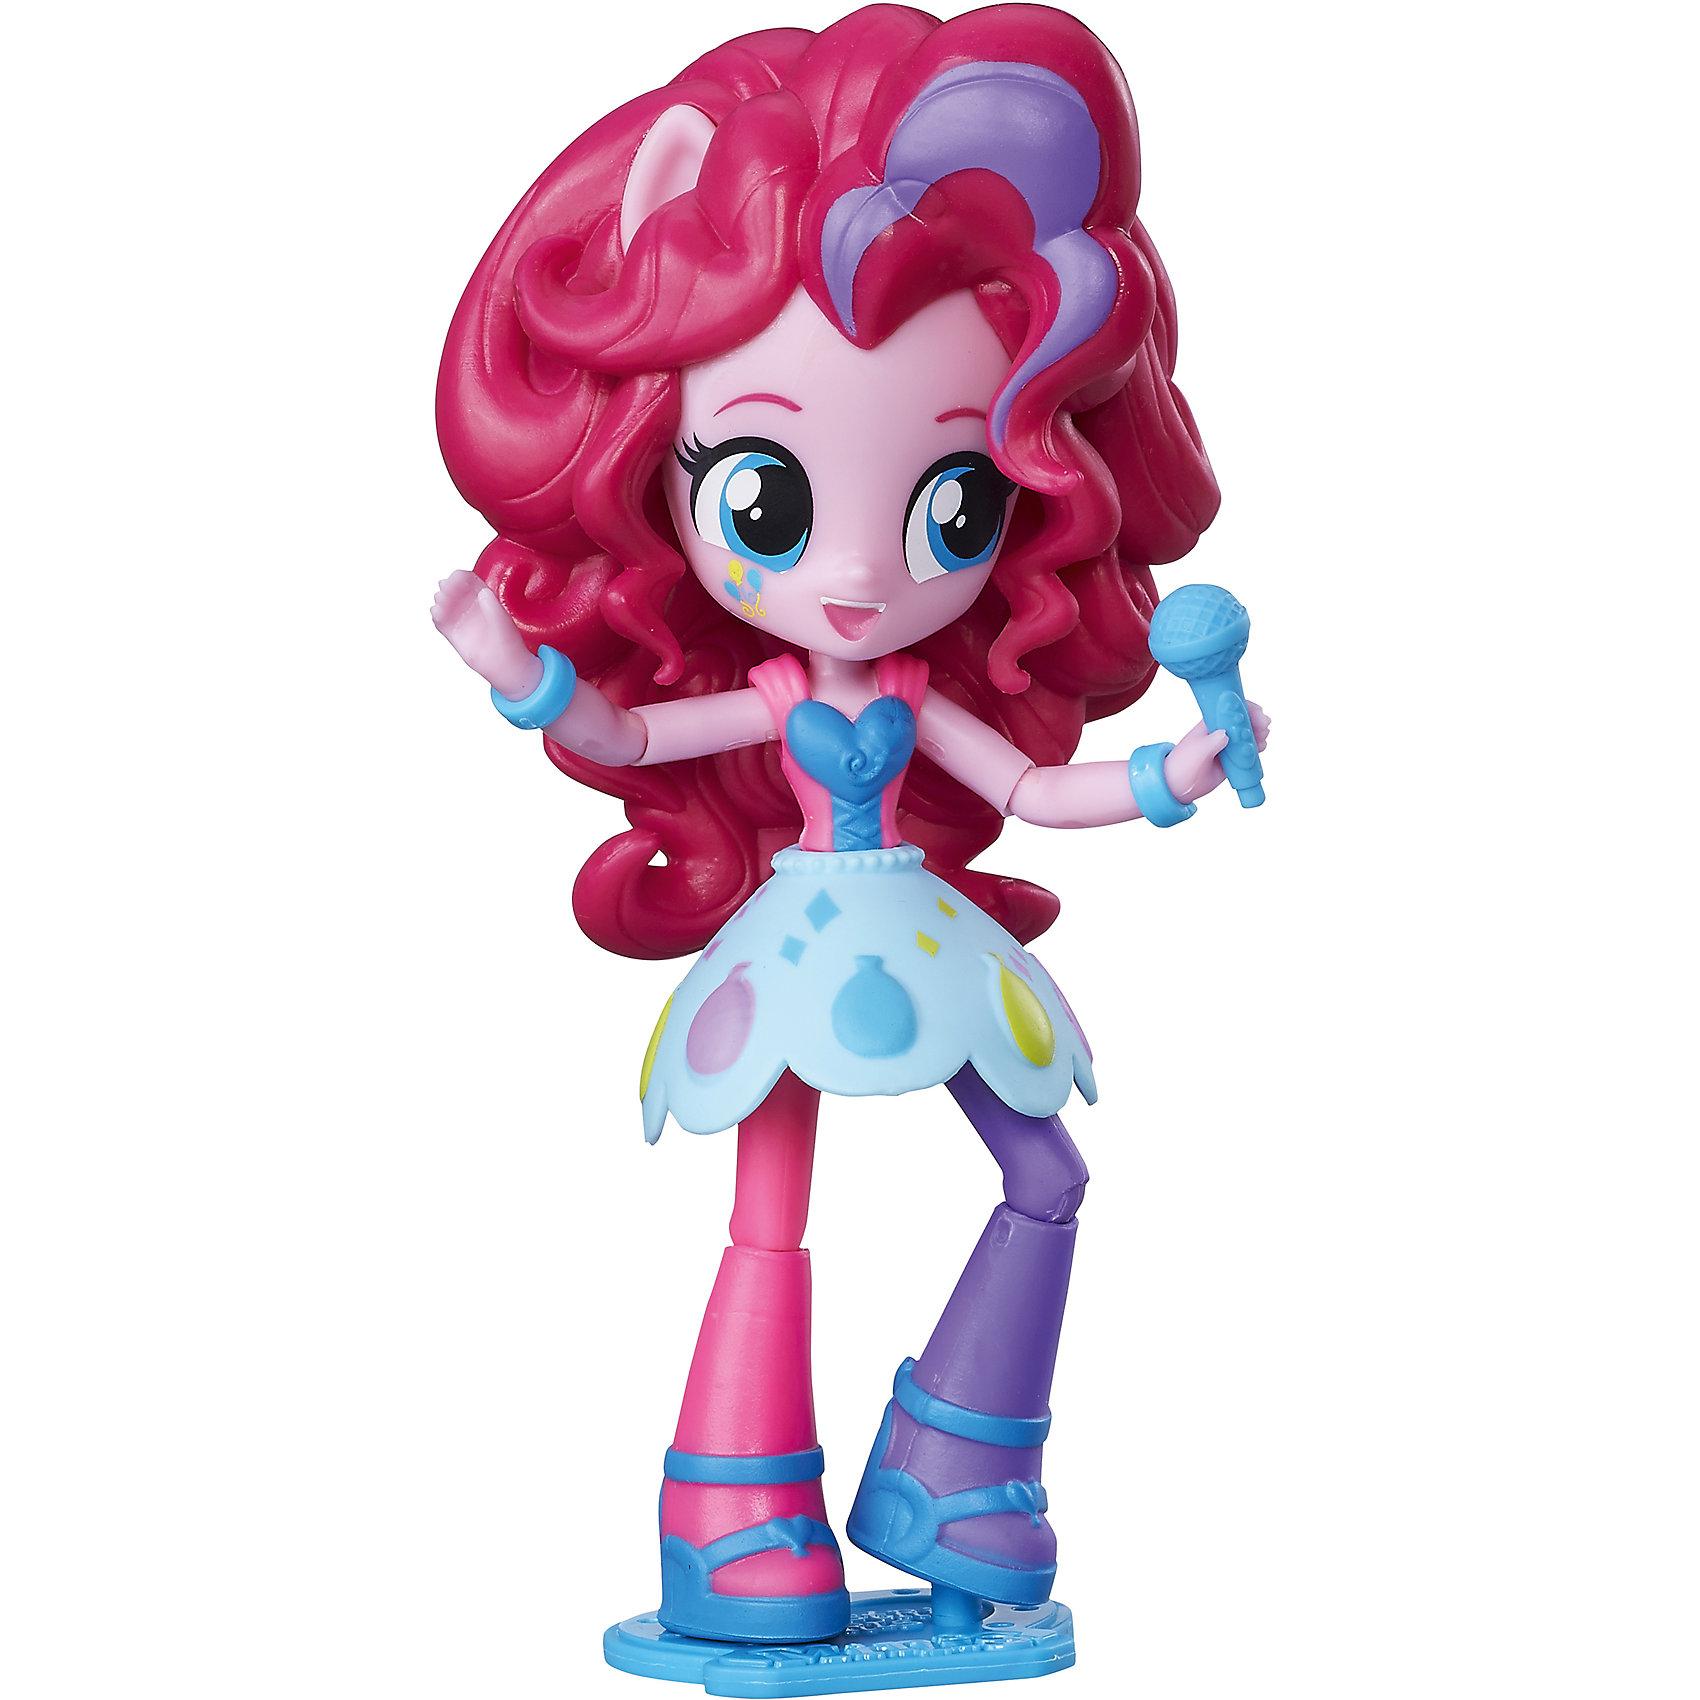 Мини-кукла Эквестрия Герлз - Пинки ПайКуклы-модели<br>Мини-кукла, Эквестрия герлз, C0839/C0868.<br><br>Характеристика: <br><br>• Материал: пластик. <br>• Размер фигурки: 12 см. <br>• Отличная детализация. <br>• Голова, руки, ноги подвижные (9 точек артикуляции). <br>• Реалистичные позы. <br><br>Очаровательная Пинки Пай обязательно понравится всем поклонницам My little Pony (Май литл Пони)! Куколка прекрасно детализирована и реалистично раскрашена, имеет большие выразительные глаза и яркий наряд, очень похожа на героиню мультсериала Equestria Girls (Эквестрия герлз). Собери всех куколок Equestria Girls (Девушки Эквестрии) проигрывай любимые сюжеты из мультфильма или придумывай свои истории в стиле My little Pony (Моя маленькая Пони). <br><br>Мини-куклу, Эквестрия герлз, C0839/C0868, можно купить в нашем интернет-магазине.<br><br>Ширина мм: 62<br>Глубина мм: 127<br>Высота мм: 190<br>Вес г: 148<br>Возраст от месяцев: 60<br>Возраст до месяцев: 144<br>Пол: Женский<br>Возраст: Детский<br>SKU: 5395764